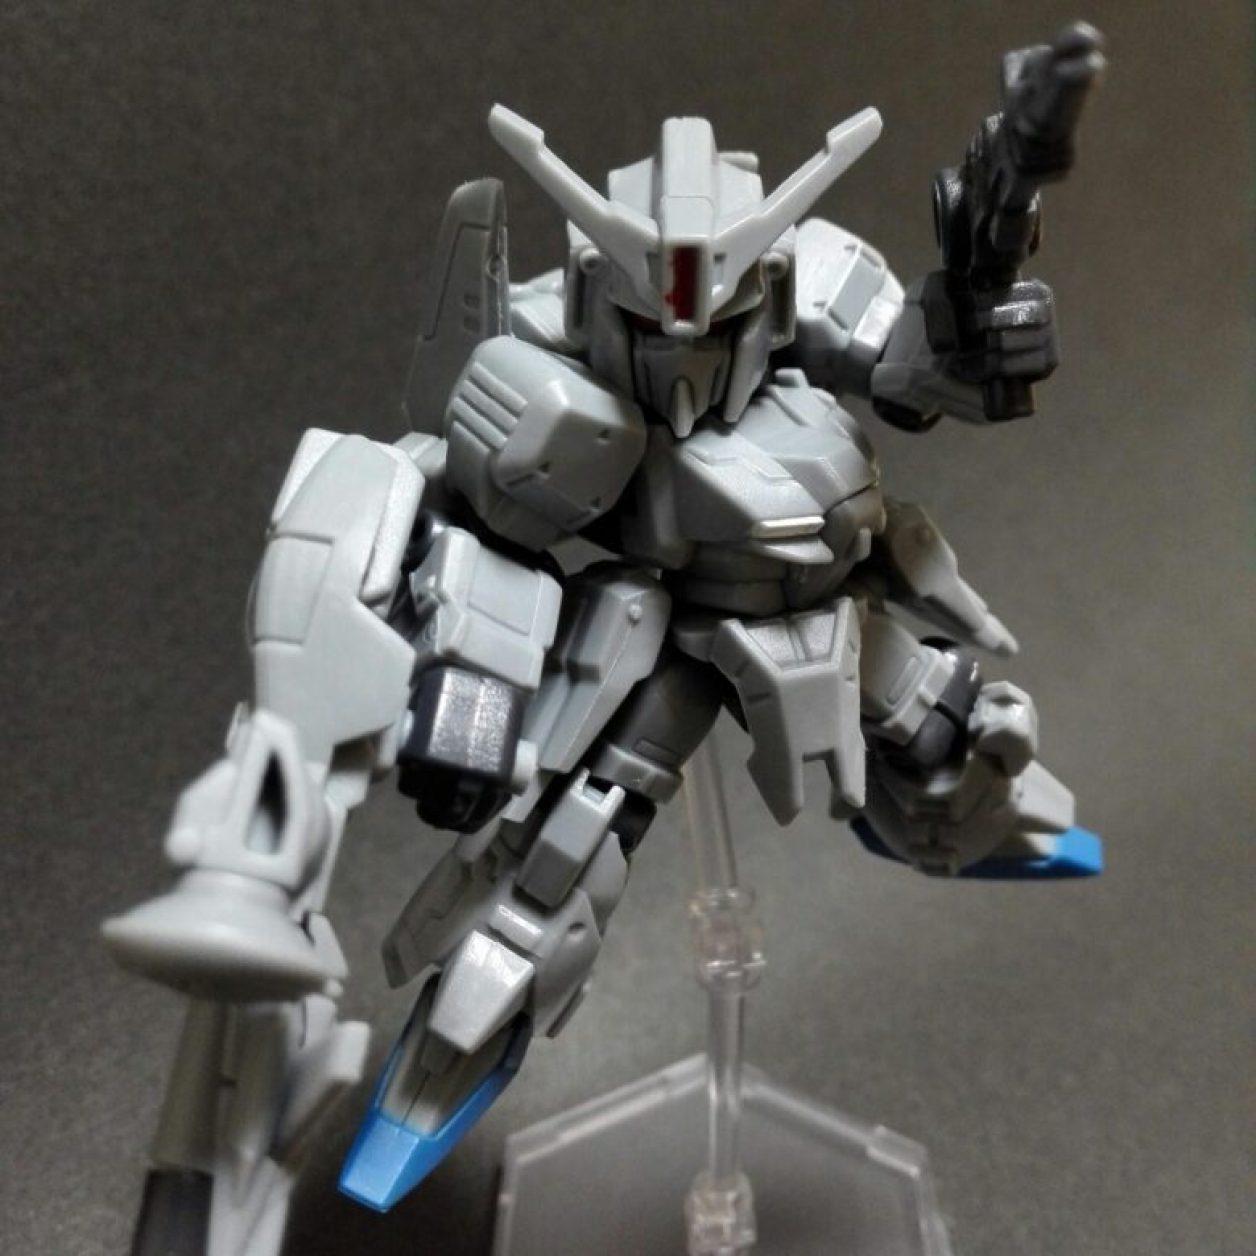 mobile suit ensemble(モビルスーツアンサンブル)14弾のゼータプラスとMS武器セットの組み合わせから作ったゼータプラスC1にC1用ビーム・スマートガンとビーム・ライフルを装備させた画像